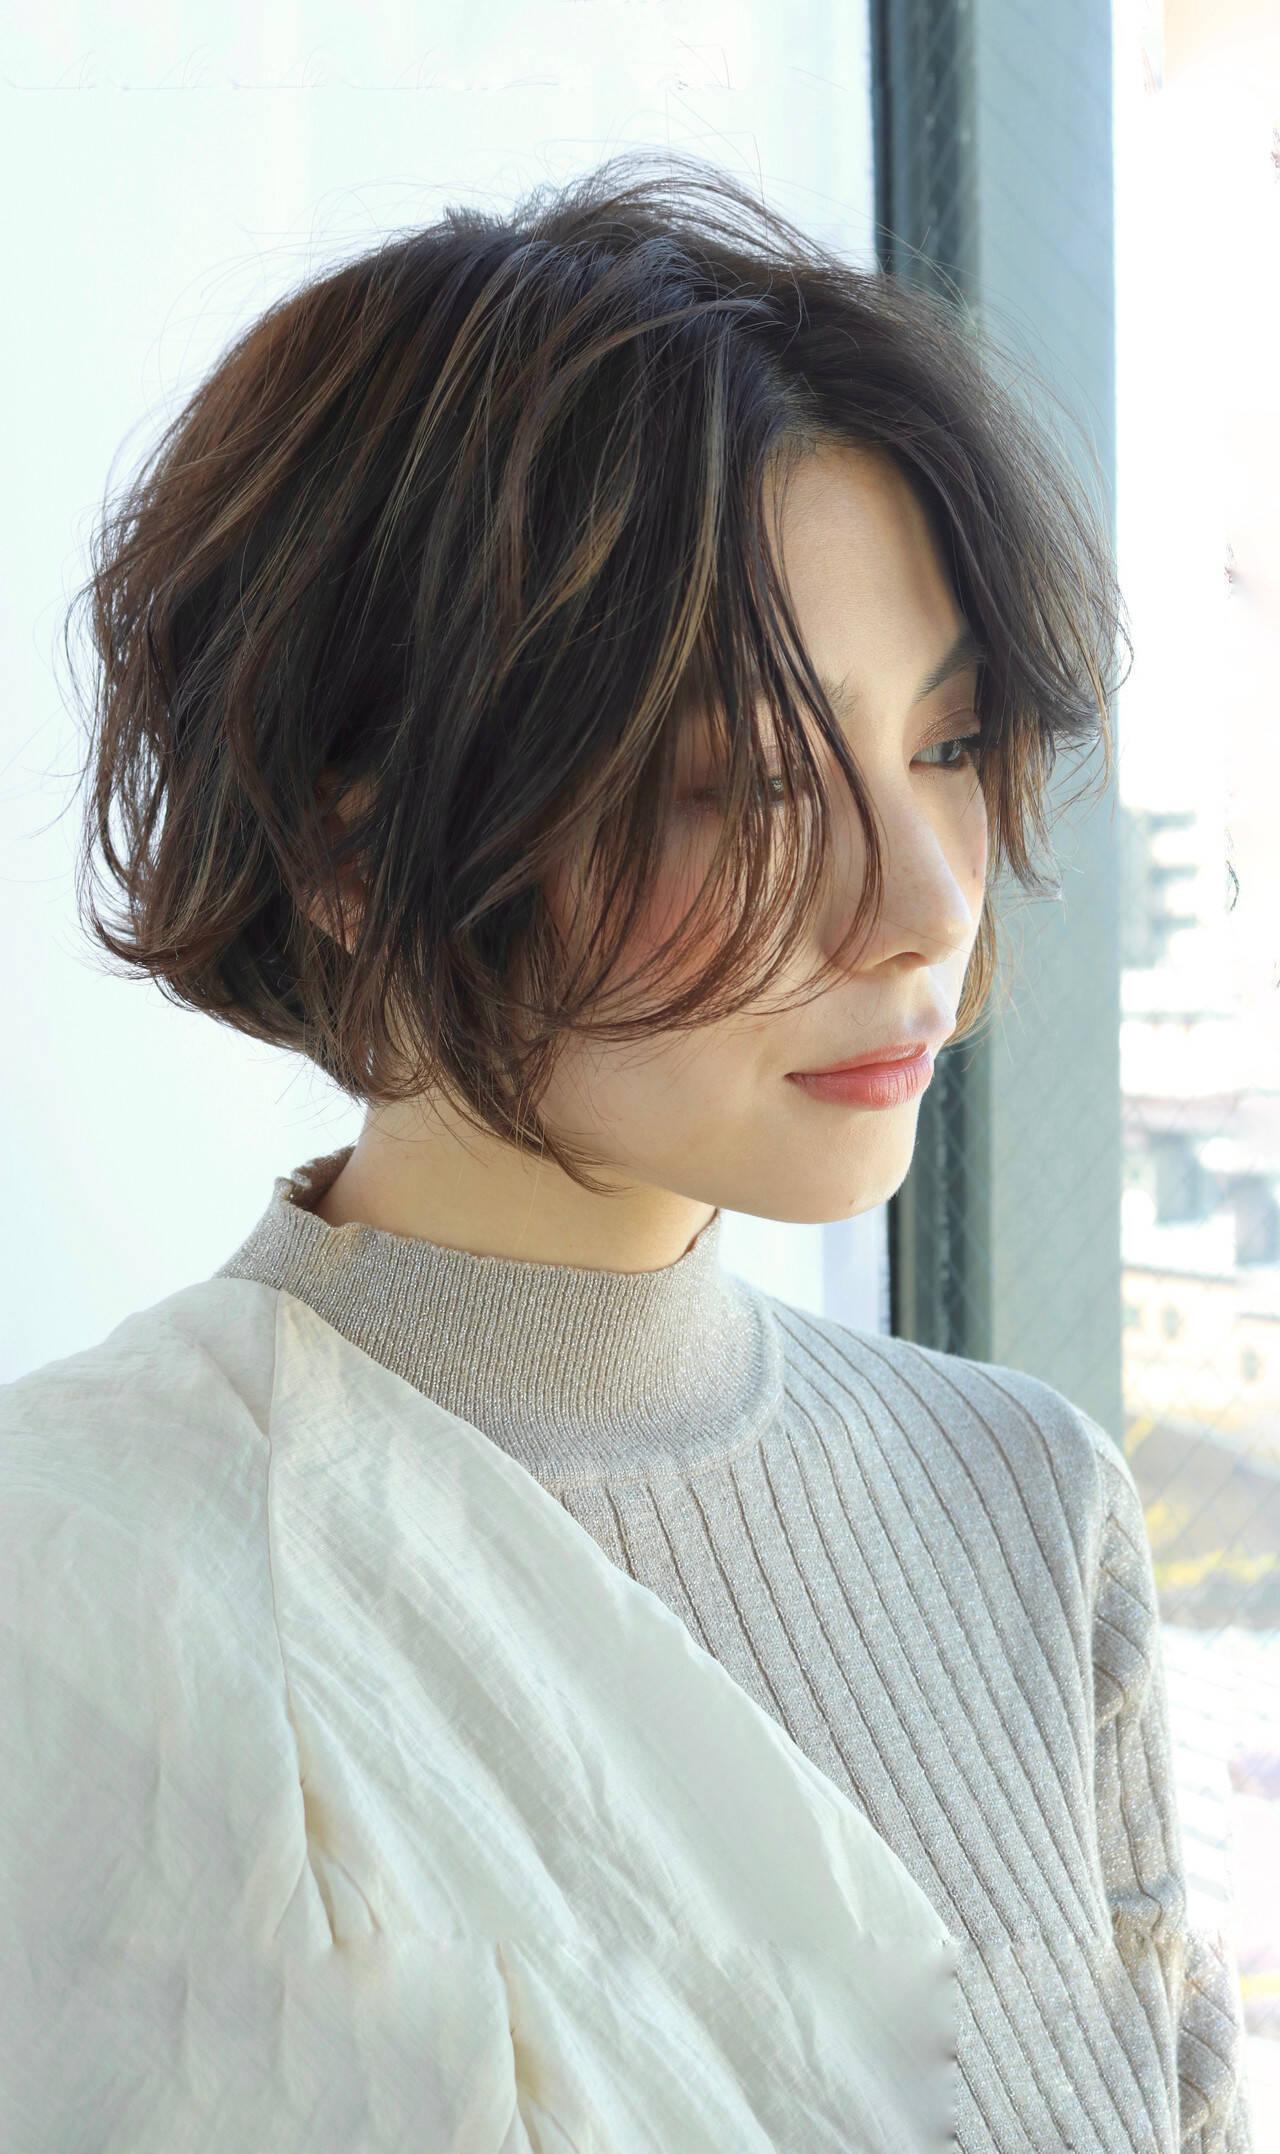 ミニボブ ショートヘア 切りっぱなしボブ 外ハネボブヘアスタイルや髪型の写真・画像